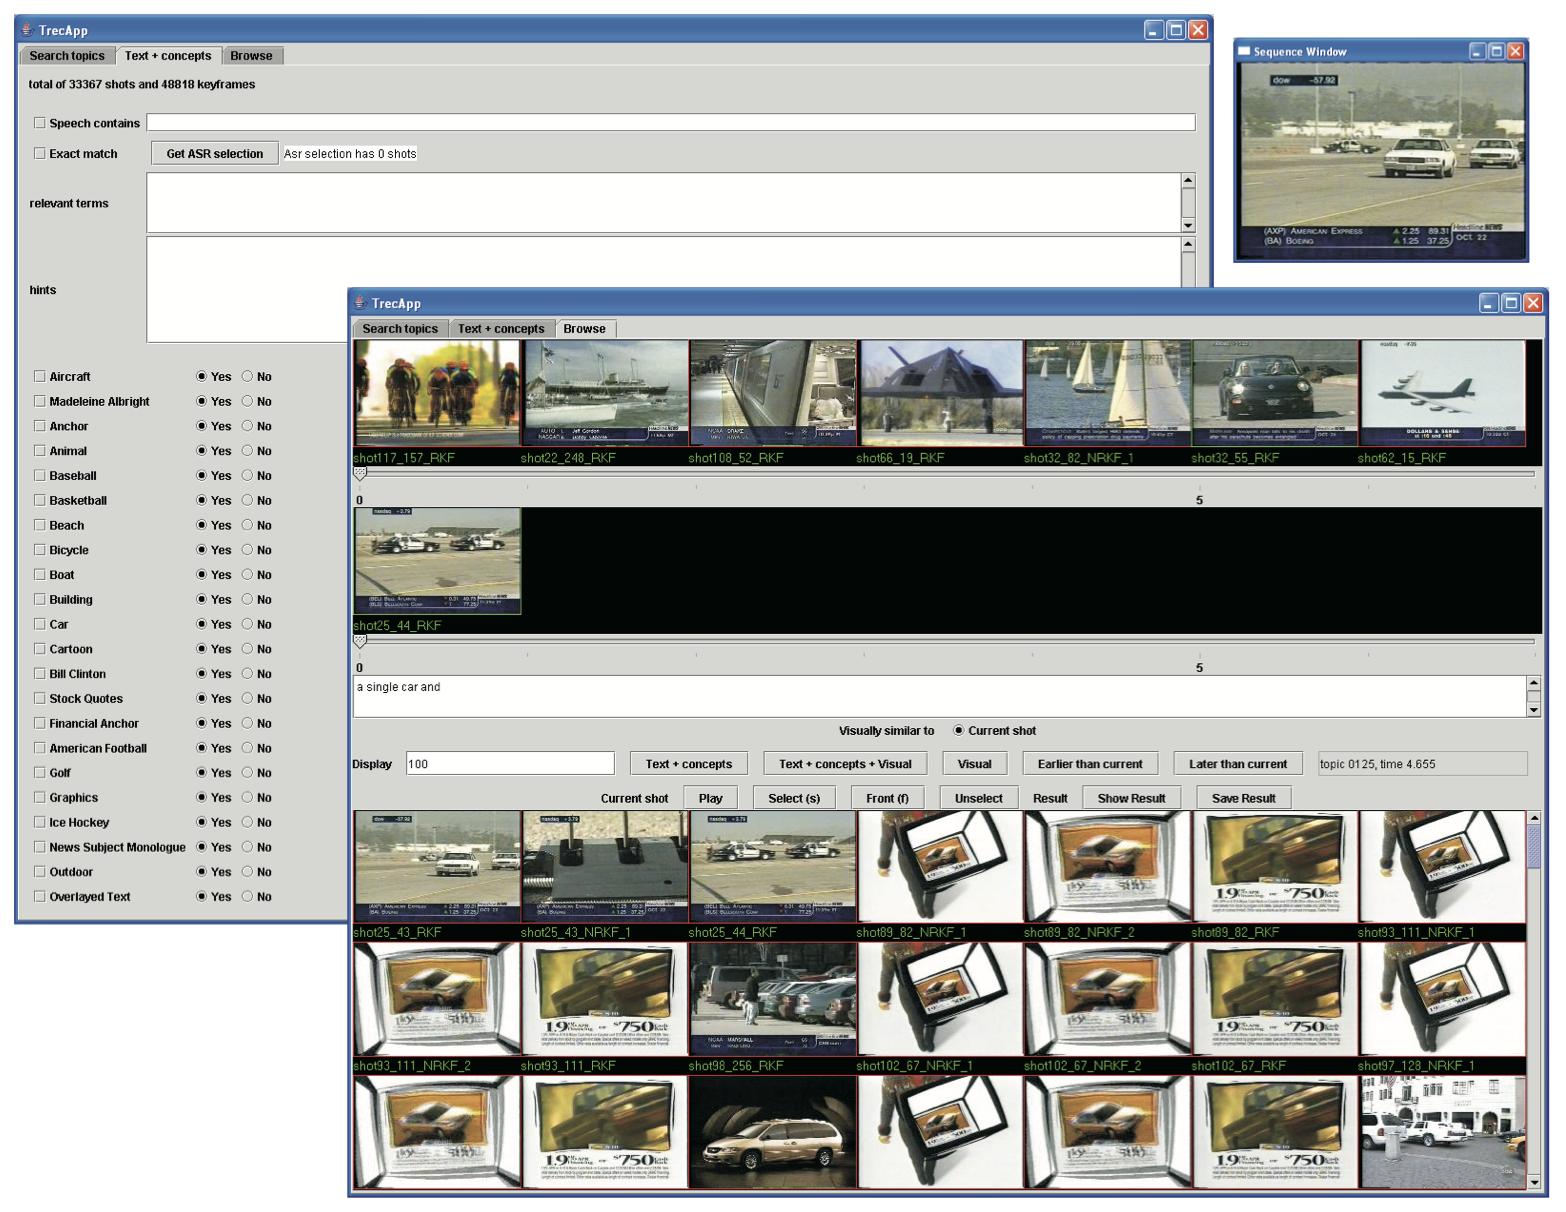 The MediaMill TRECVID 2004 Semantic Video Search Engine